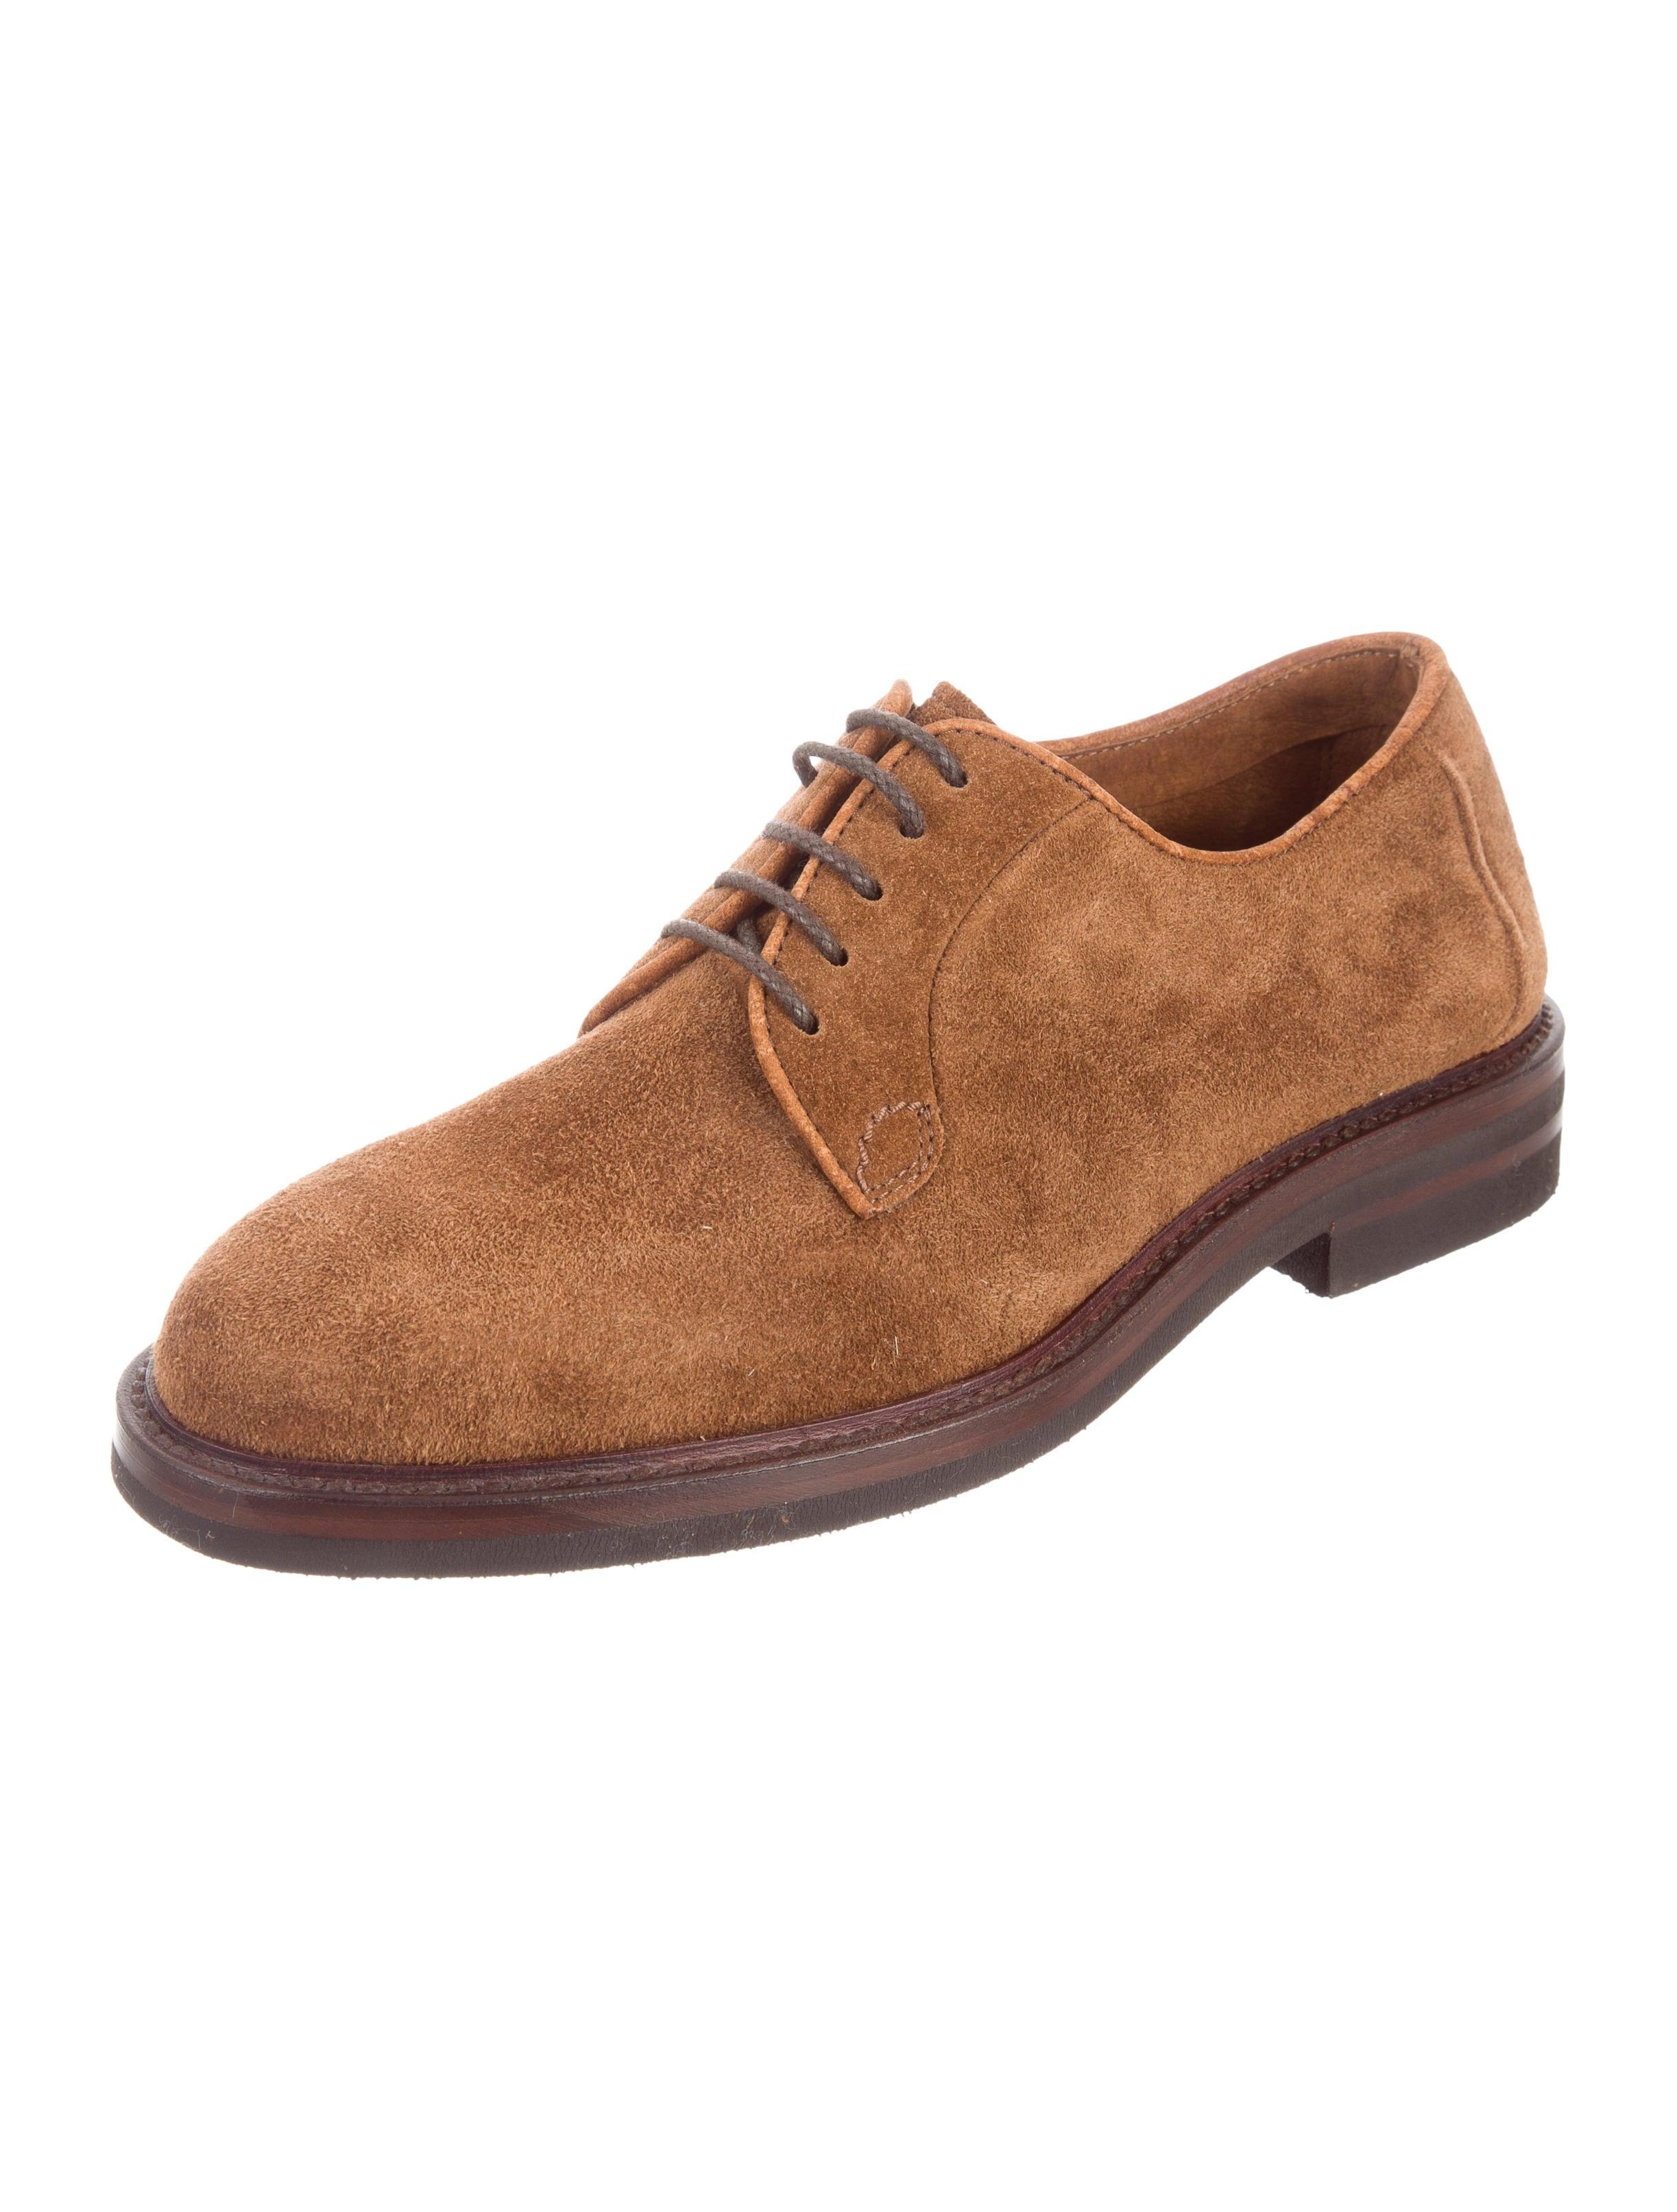 Derby Shoes Suede Men